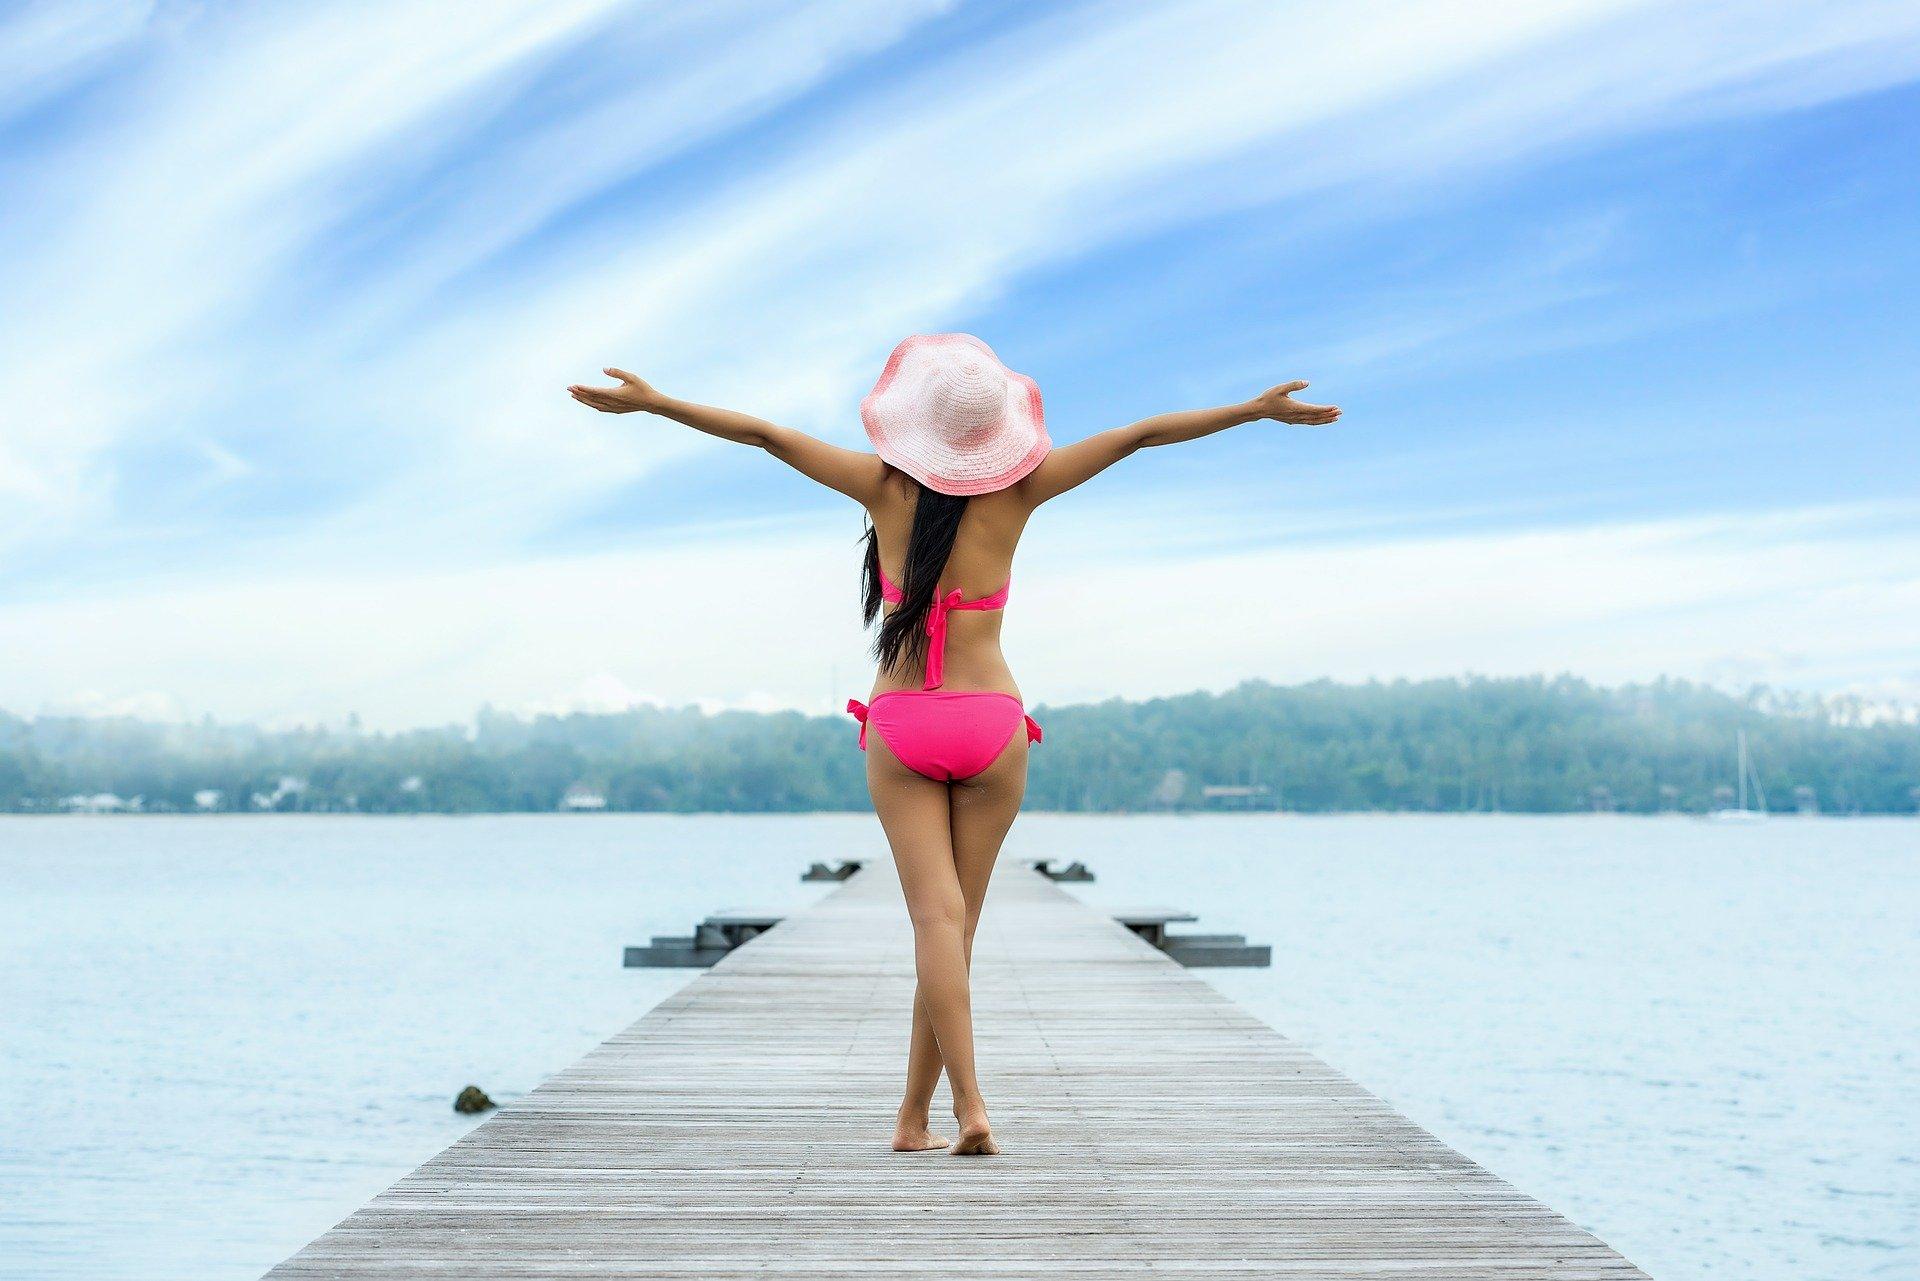 Patru terapii care-ți pregătesc corpul pentru vară. Reset rapid al organismului, te scapă de celulită și kilograme în plus